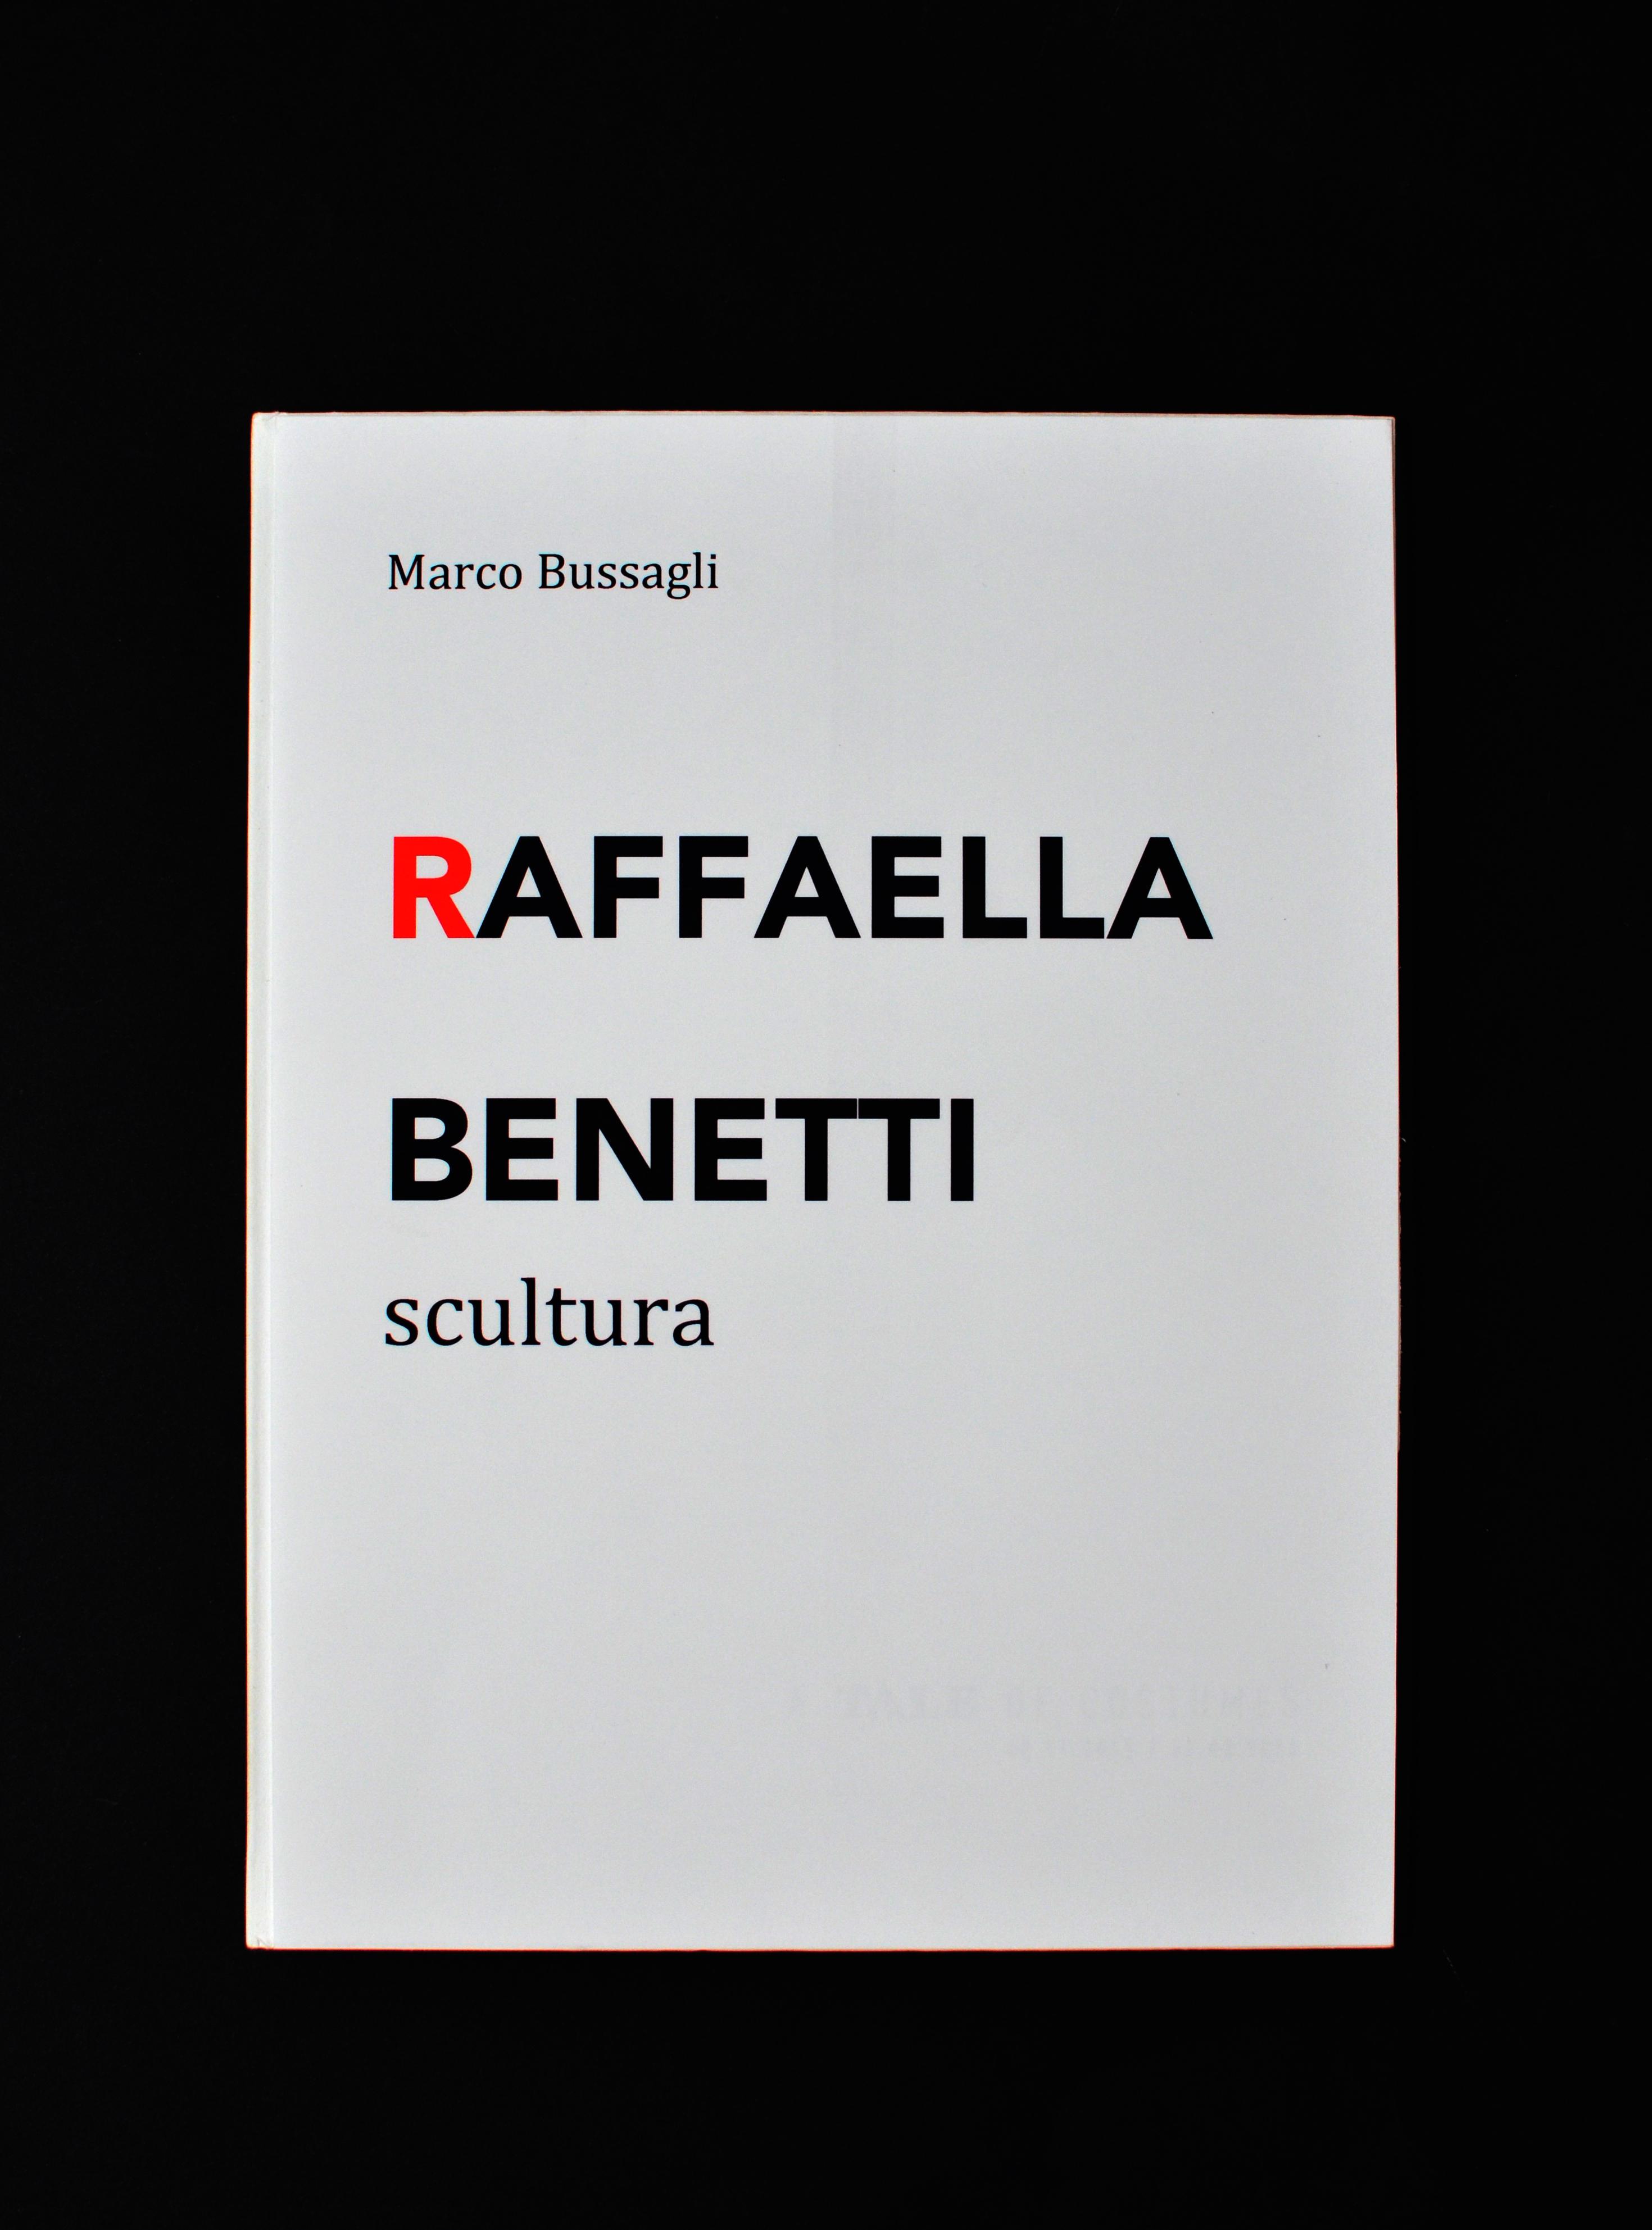 Raffaella Benetti scultura